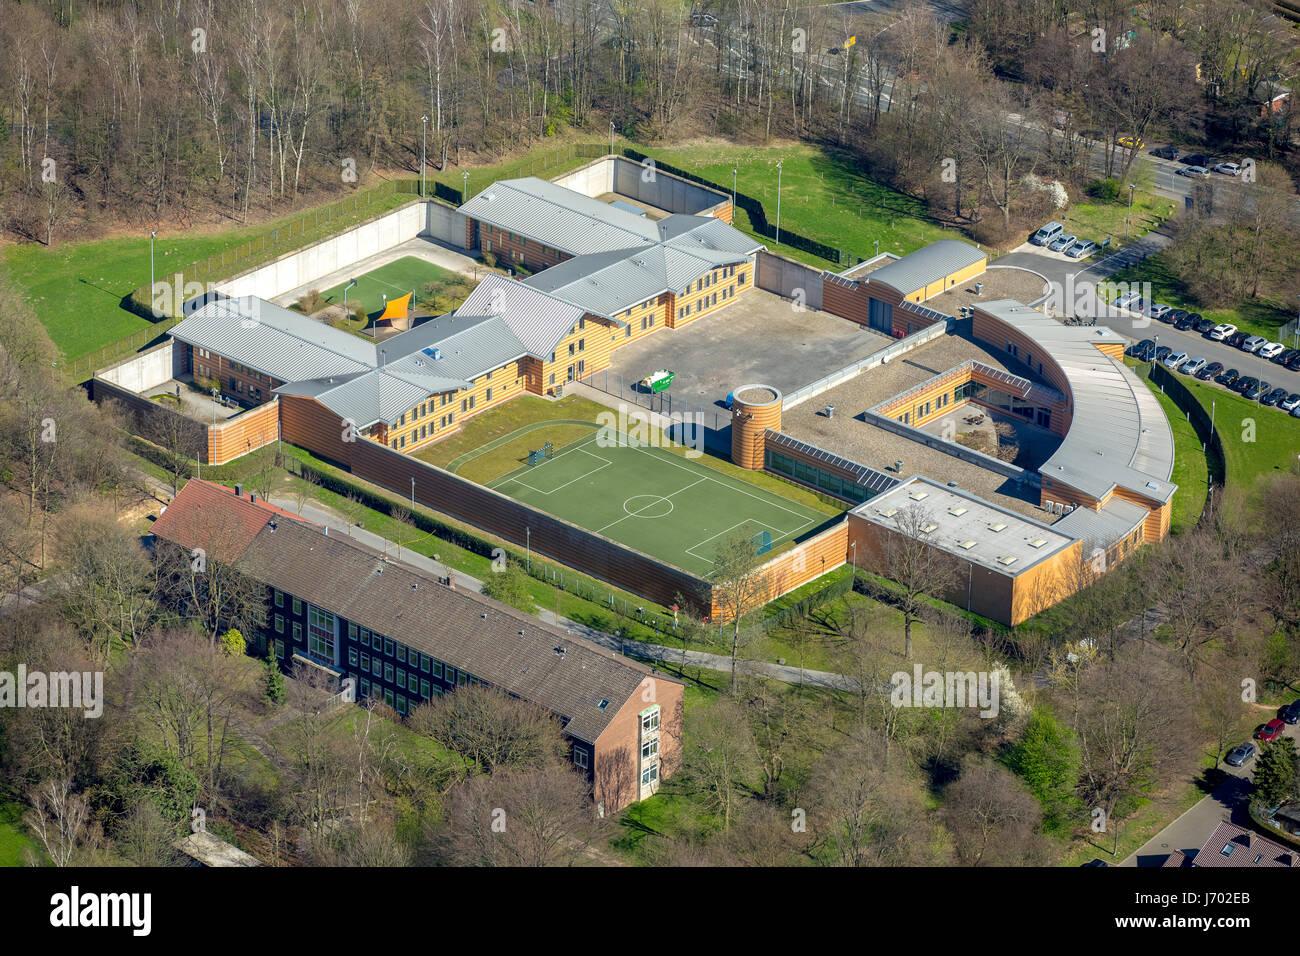 LWL-Klinik Dortmund Psychiatry - Psychotherapy - Psychosomatic Medicine Emergency Ambulance, Forensics, Dortmund, - Stock Image